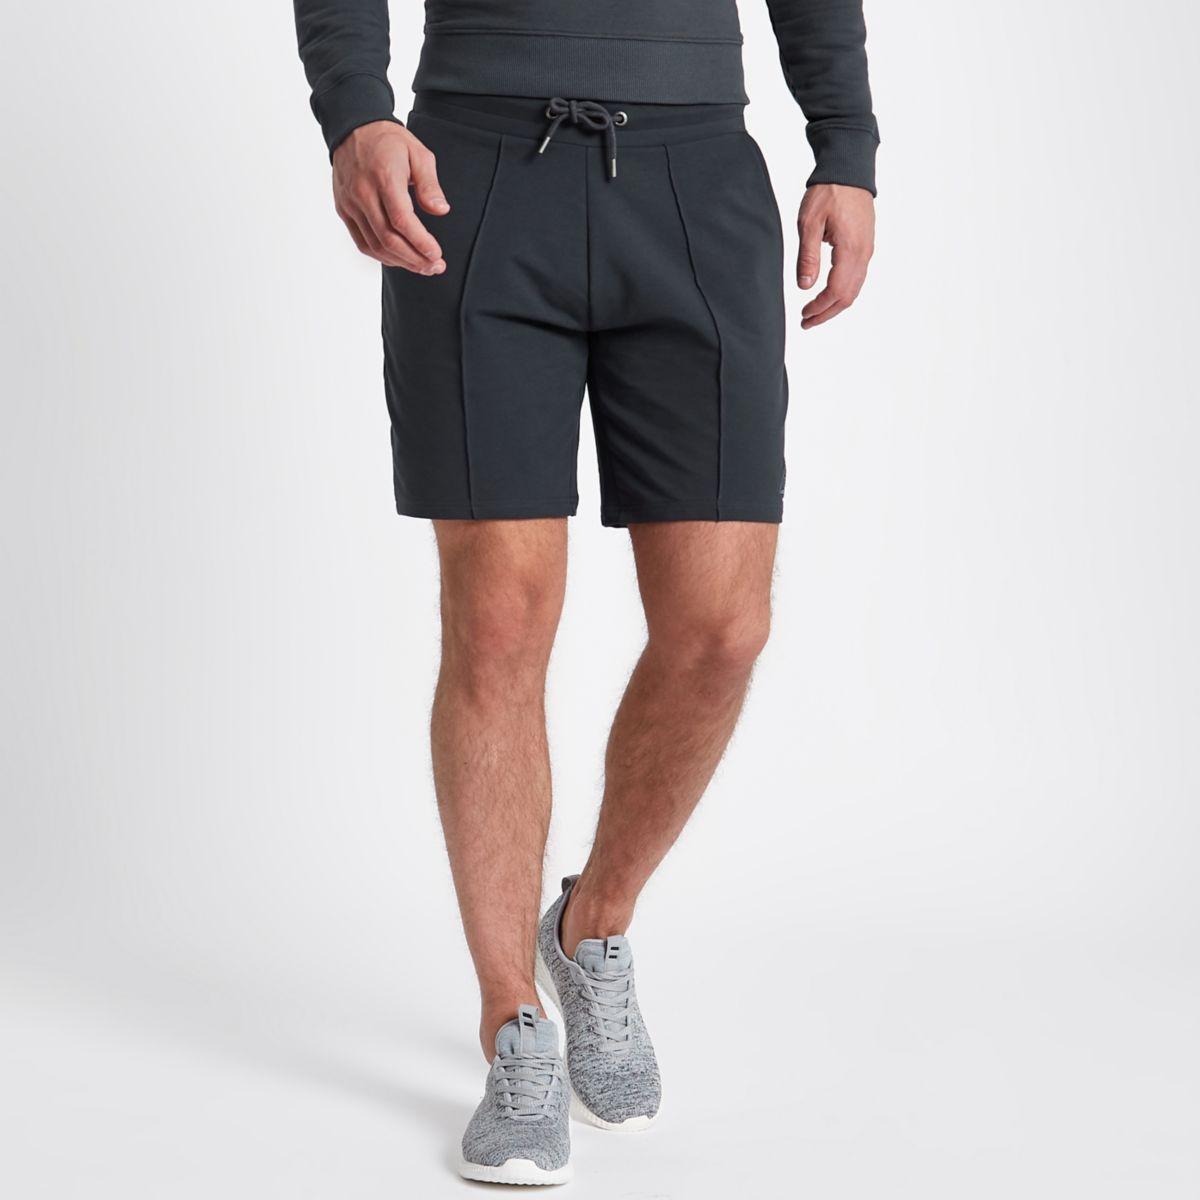 Concept grey slim fit jogger shorts